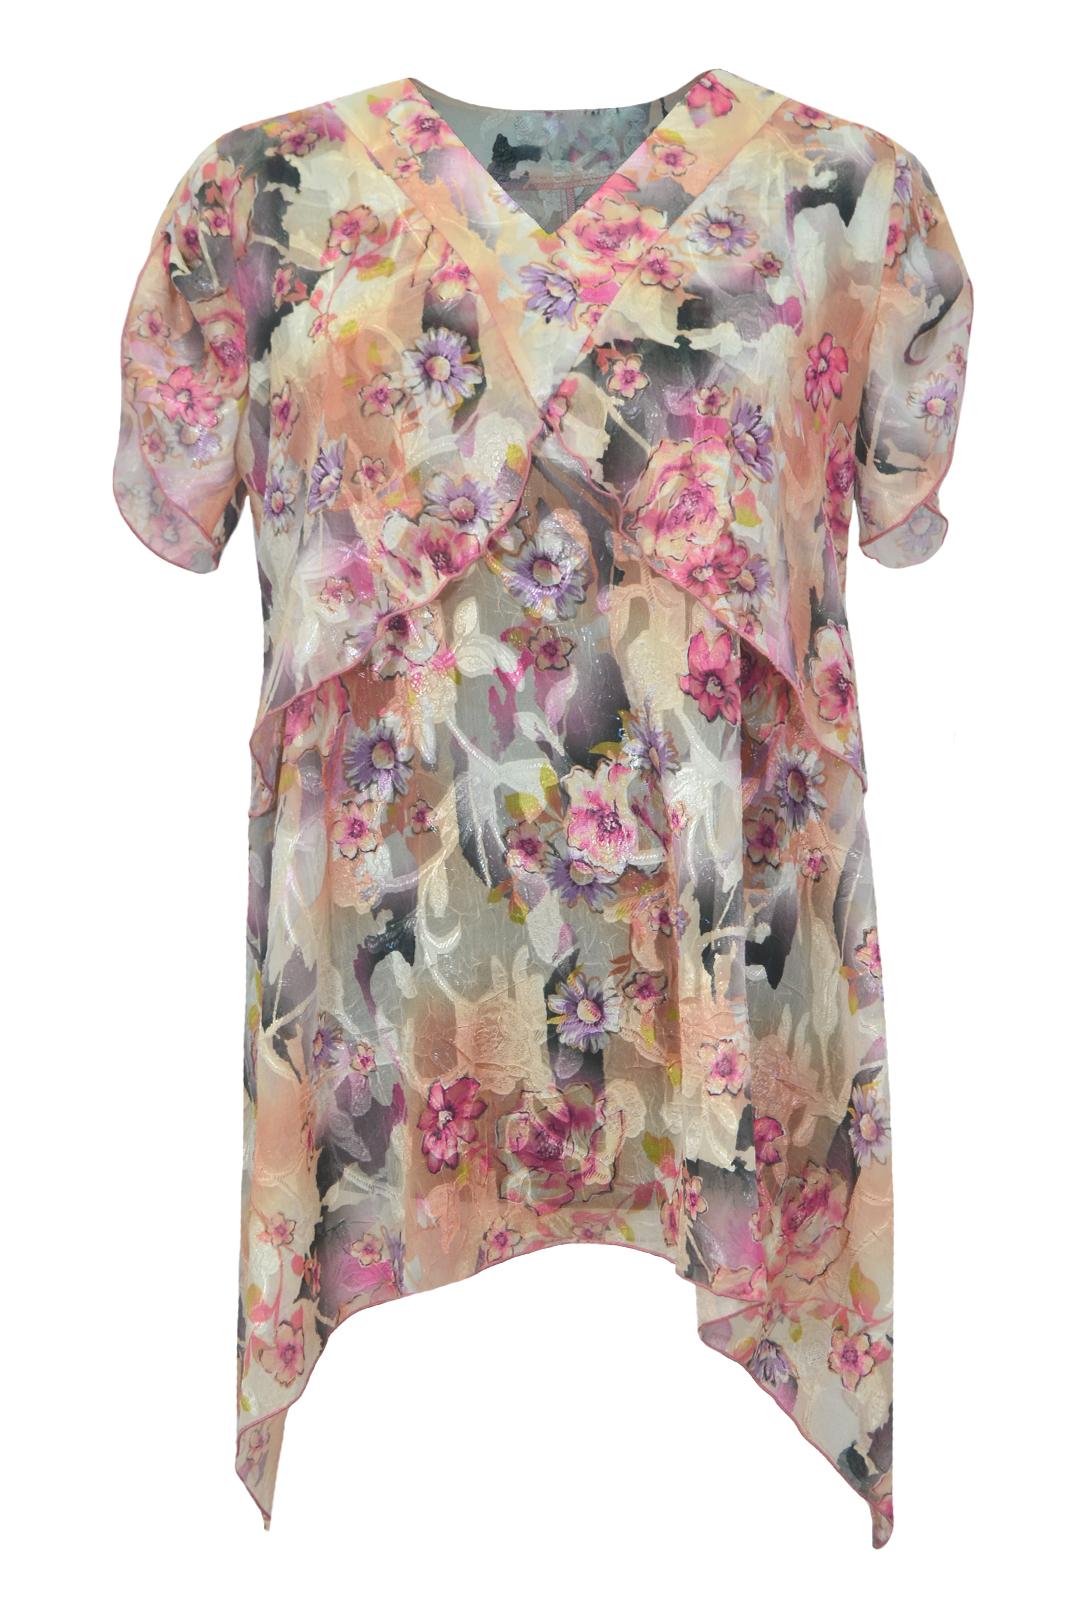 Купить блузки женские в магазине спб